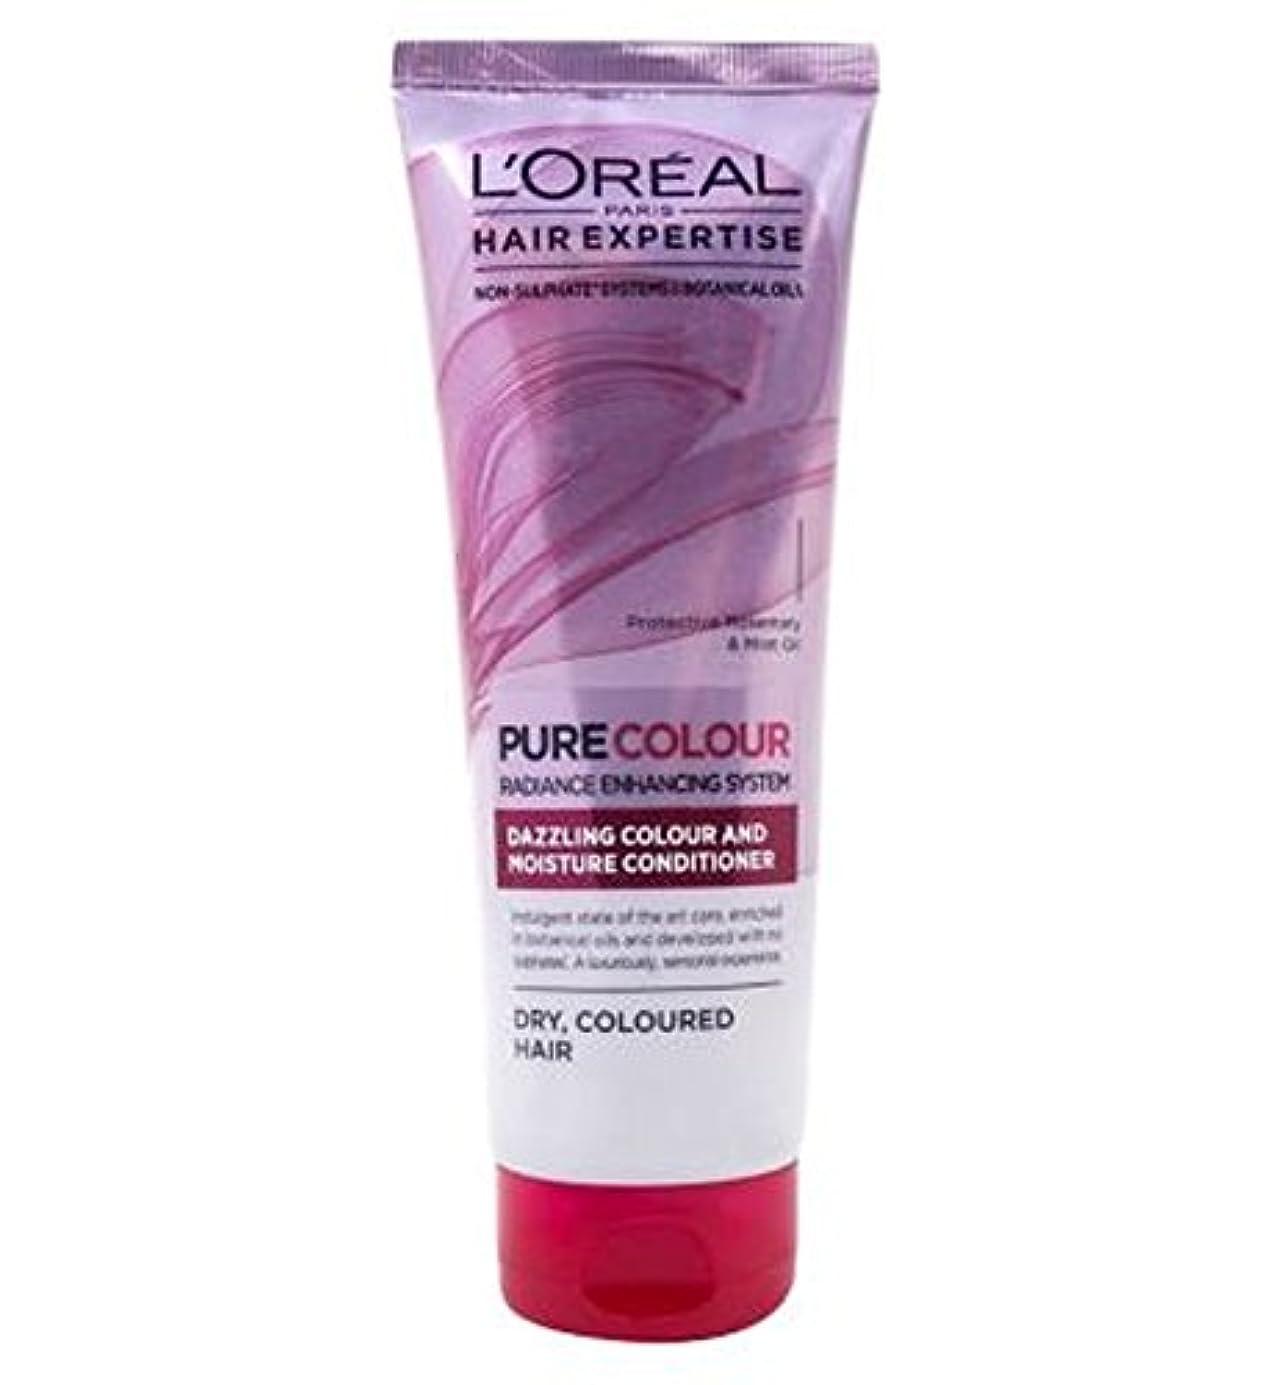 ダルセット路面電車侵略ロレアルパリの髪の専門知識の超純粋なカラーケア&水分コンディショナー250Ml (L'Oreal) (x2) - L'Oreal Paris Hair Expertise SuperPure Colour Care &...